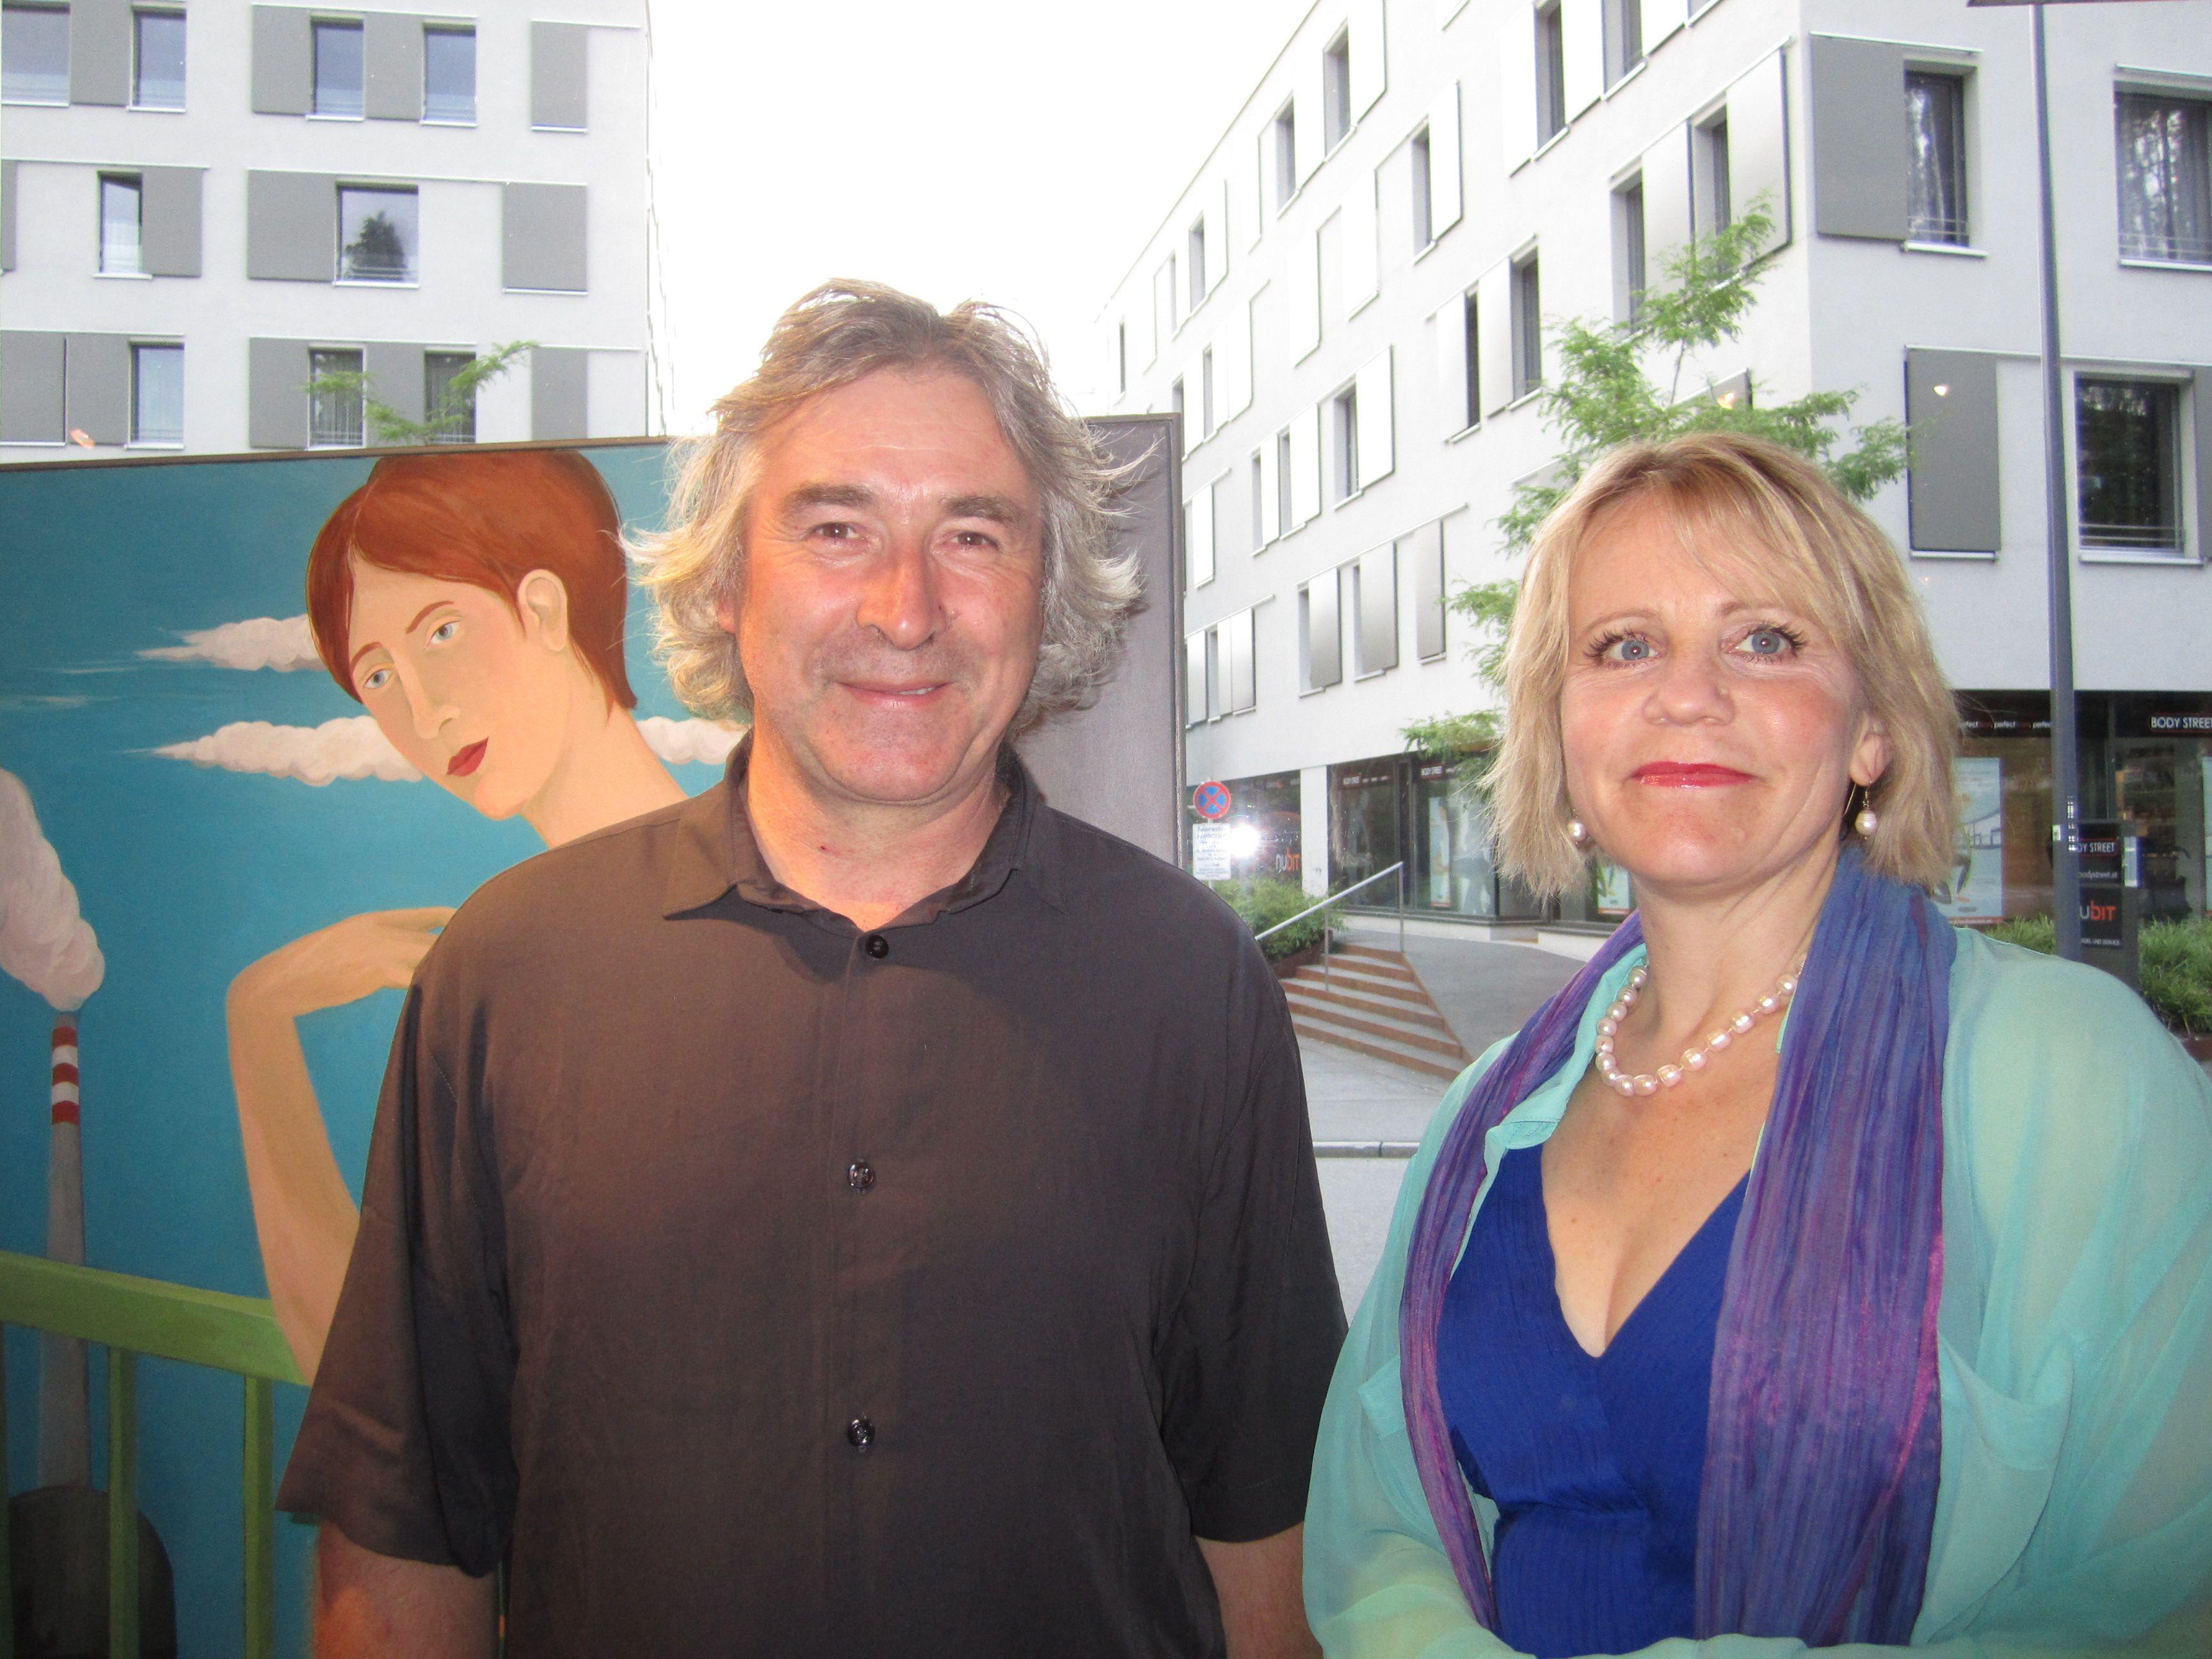 Künstlerin Brigitte Trieb mit Giovanni Rindler schafft mit ihren Arbeiten eine eigene Bildwelt